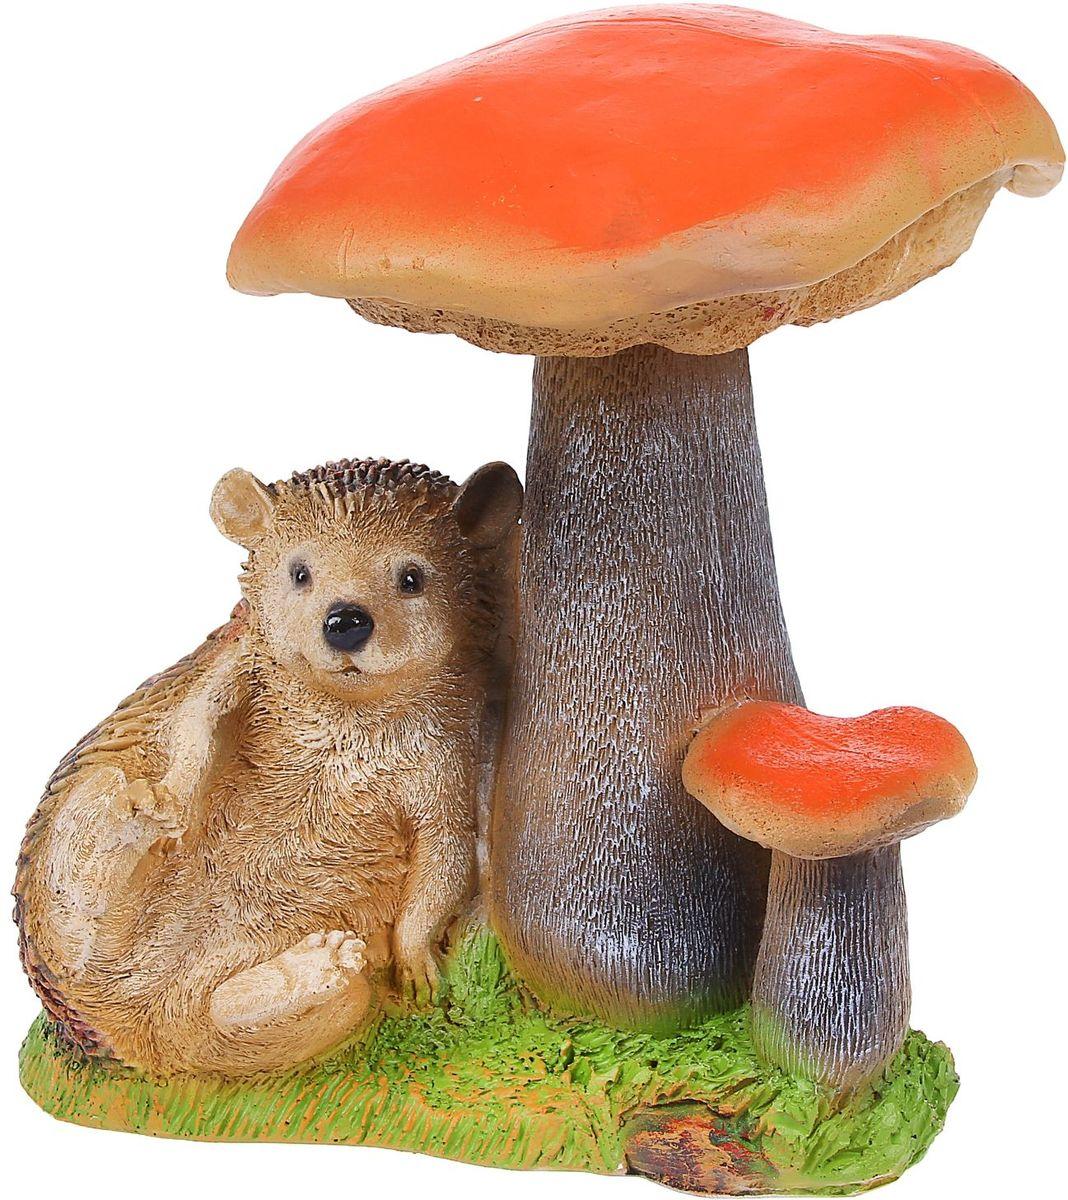 Фигура садовая Отдыхающий под грибами еж, 24 х 28 х 32 смC0042411Фигурка ёжика придаст саду очарование. Этот зверёк символизирует запасливость, поэтому поможет вырастить и сохранить богатый урожай. Такой садовый декор выгоднее всего будет смотреться в траве или под деревьями — в природных местах обитания ежей. Фигура создаст солнечное настроение даже в пасмурный день и подарит саду индивидуальность. Дополните окружающее пространство оригинальной деталью? Садовая фигура из полистоуна (искусственного камня) — оптимальное решение для уличных условий. Этот материал не выцветает на солнце, даже если находится под воздействием ультрафиолета круглый год. Искусственный камень имеет низкую пористость, поэтому ему не страшна влага и на нём не появятся трещины? Садовая фигура Отдыхающий ёж под грибами будет хранить красоту сада долгие годы.